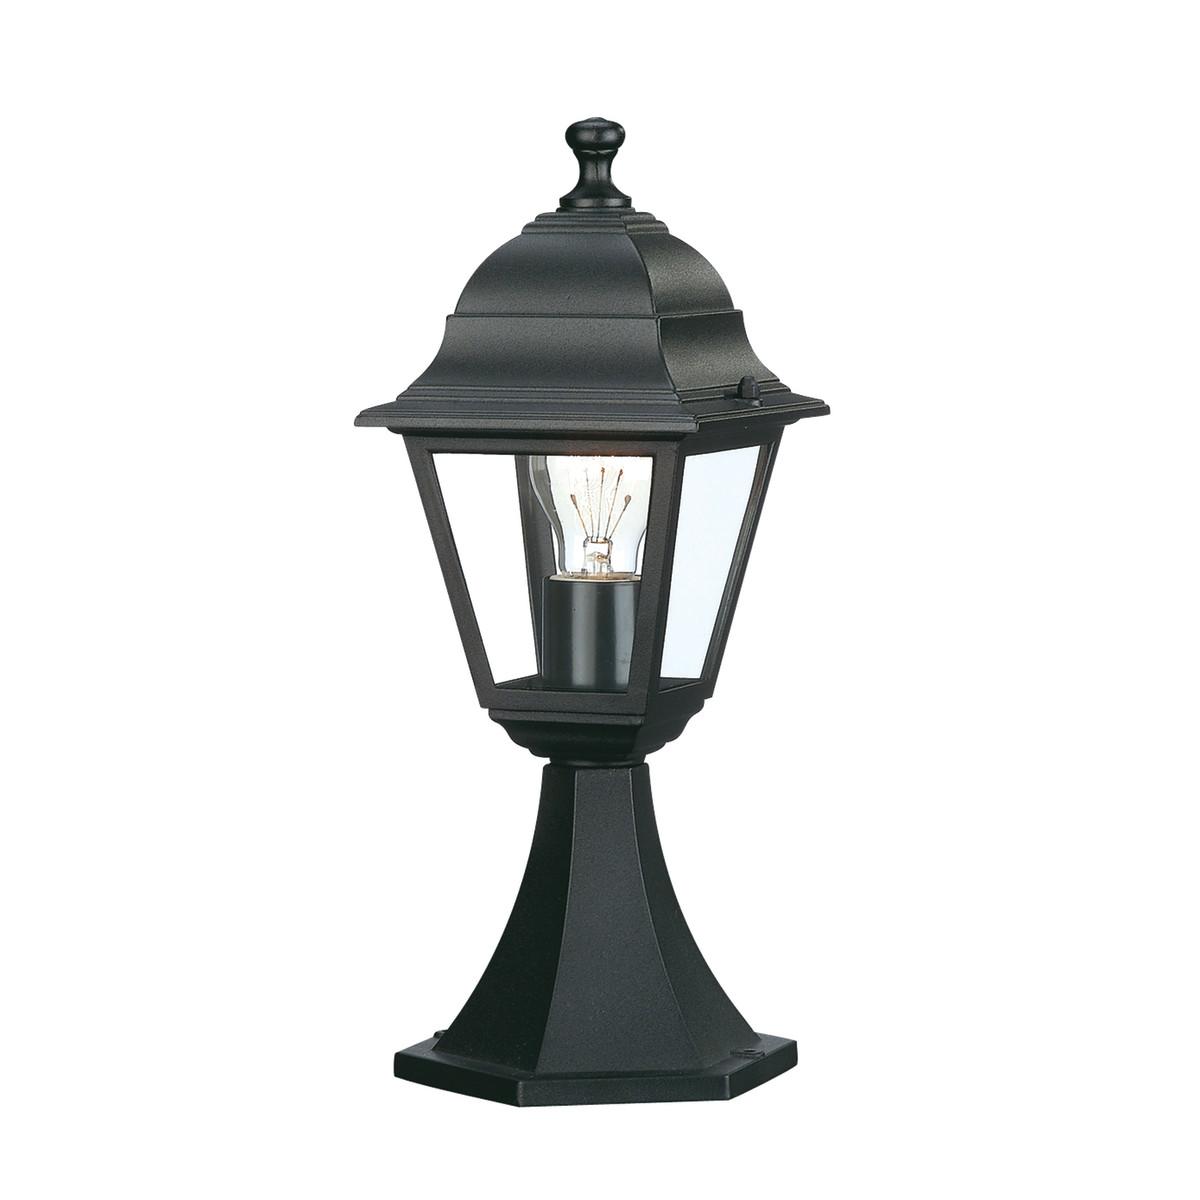 Lampioni e lampioncini: prezzi e offerte online per lampioni e ...